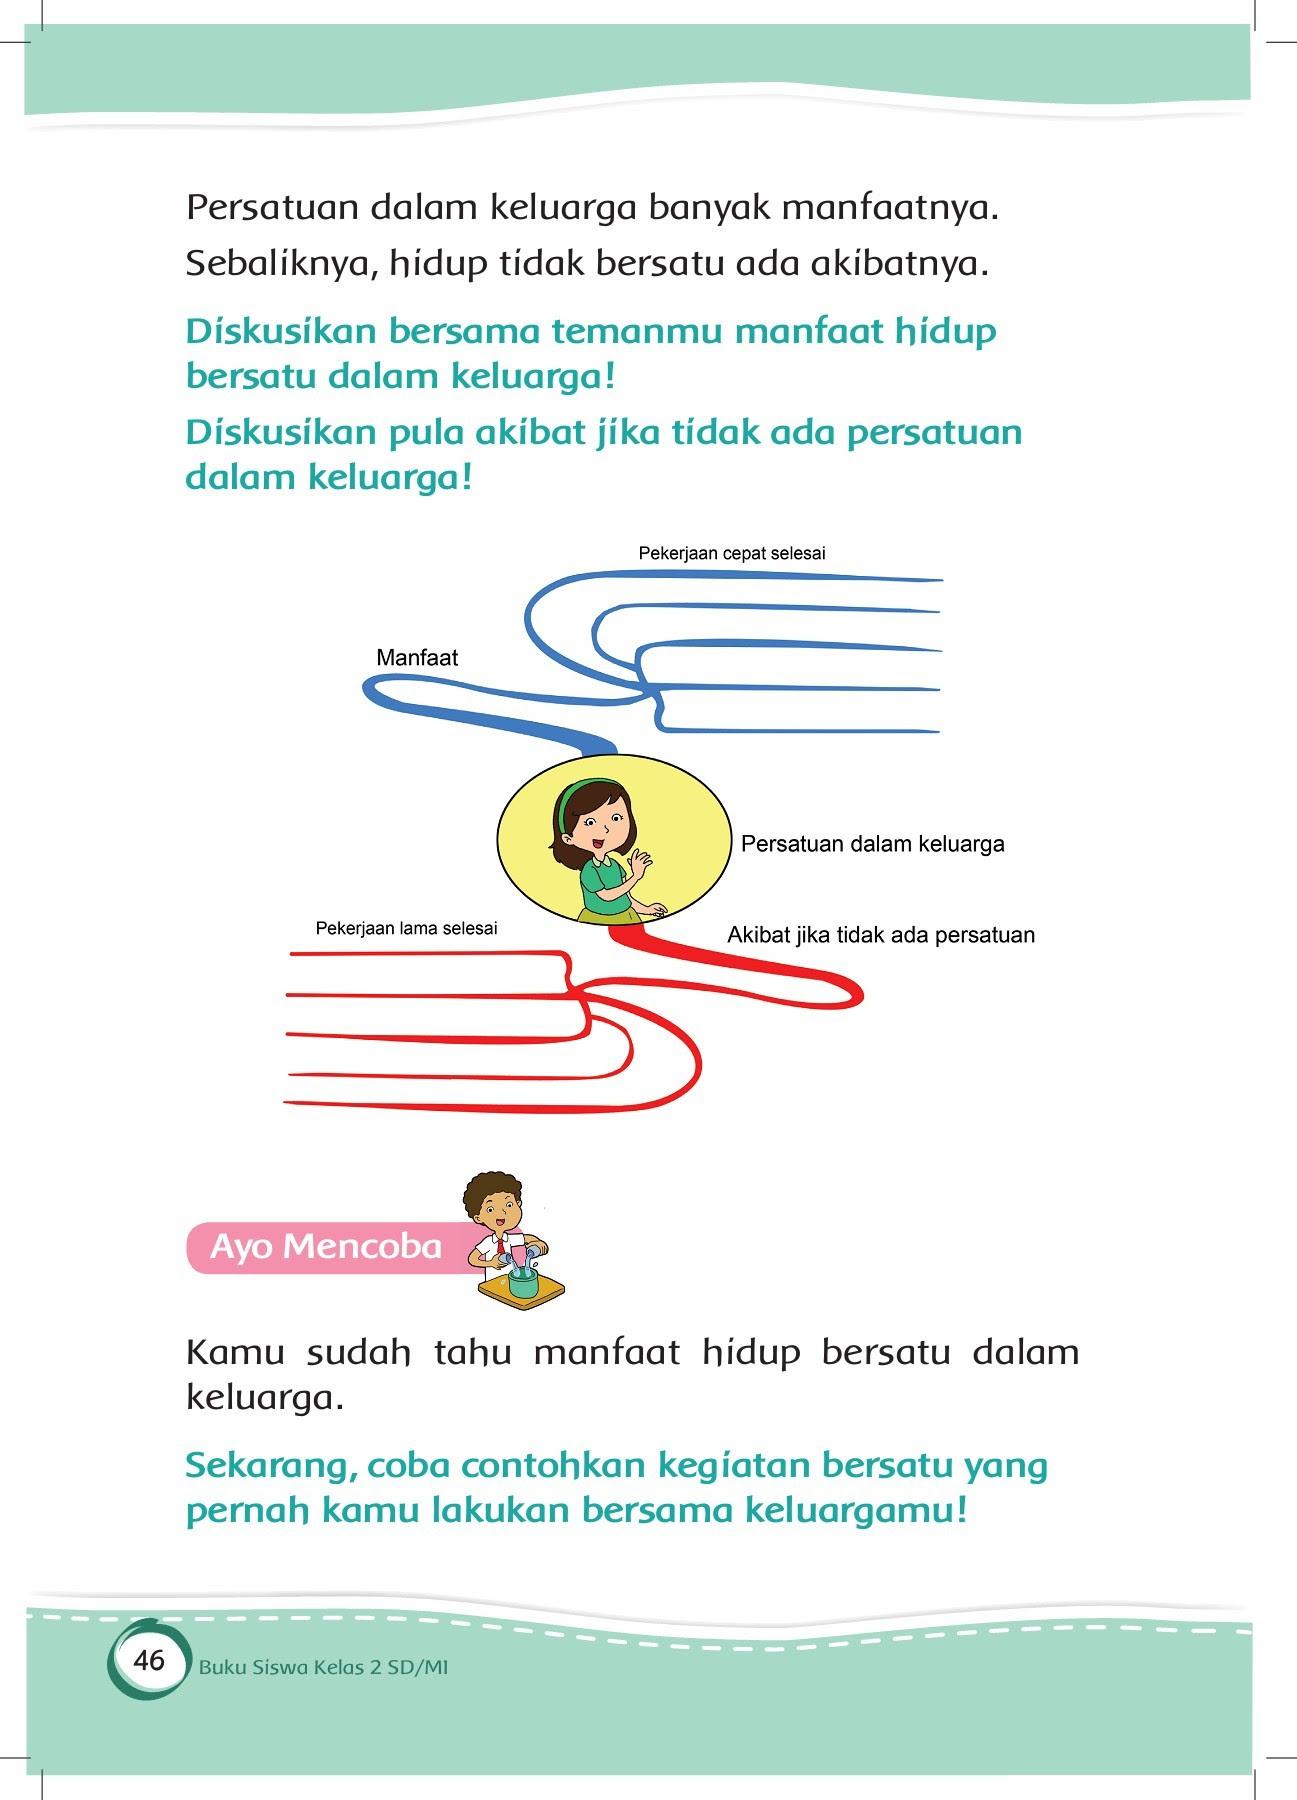 Manfaat Hidup Rukun Dalam Keluarga : manfaat, hidup, rukun, dalam, keluarga, Sebutkan, Manfaat, Hidup, Rukun, Lingkungan, Keluarga